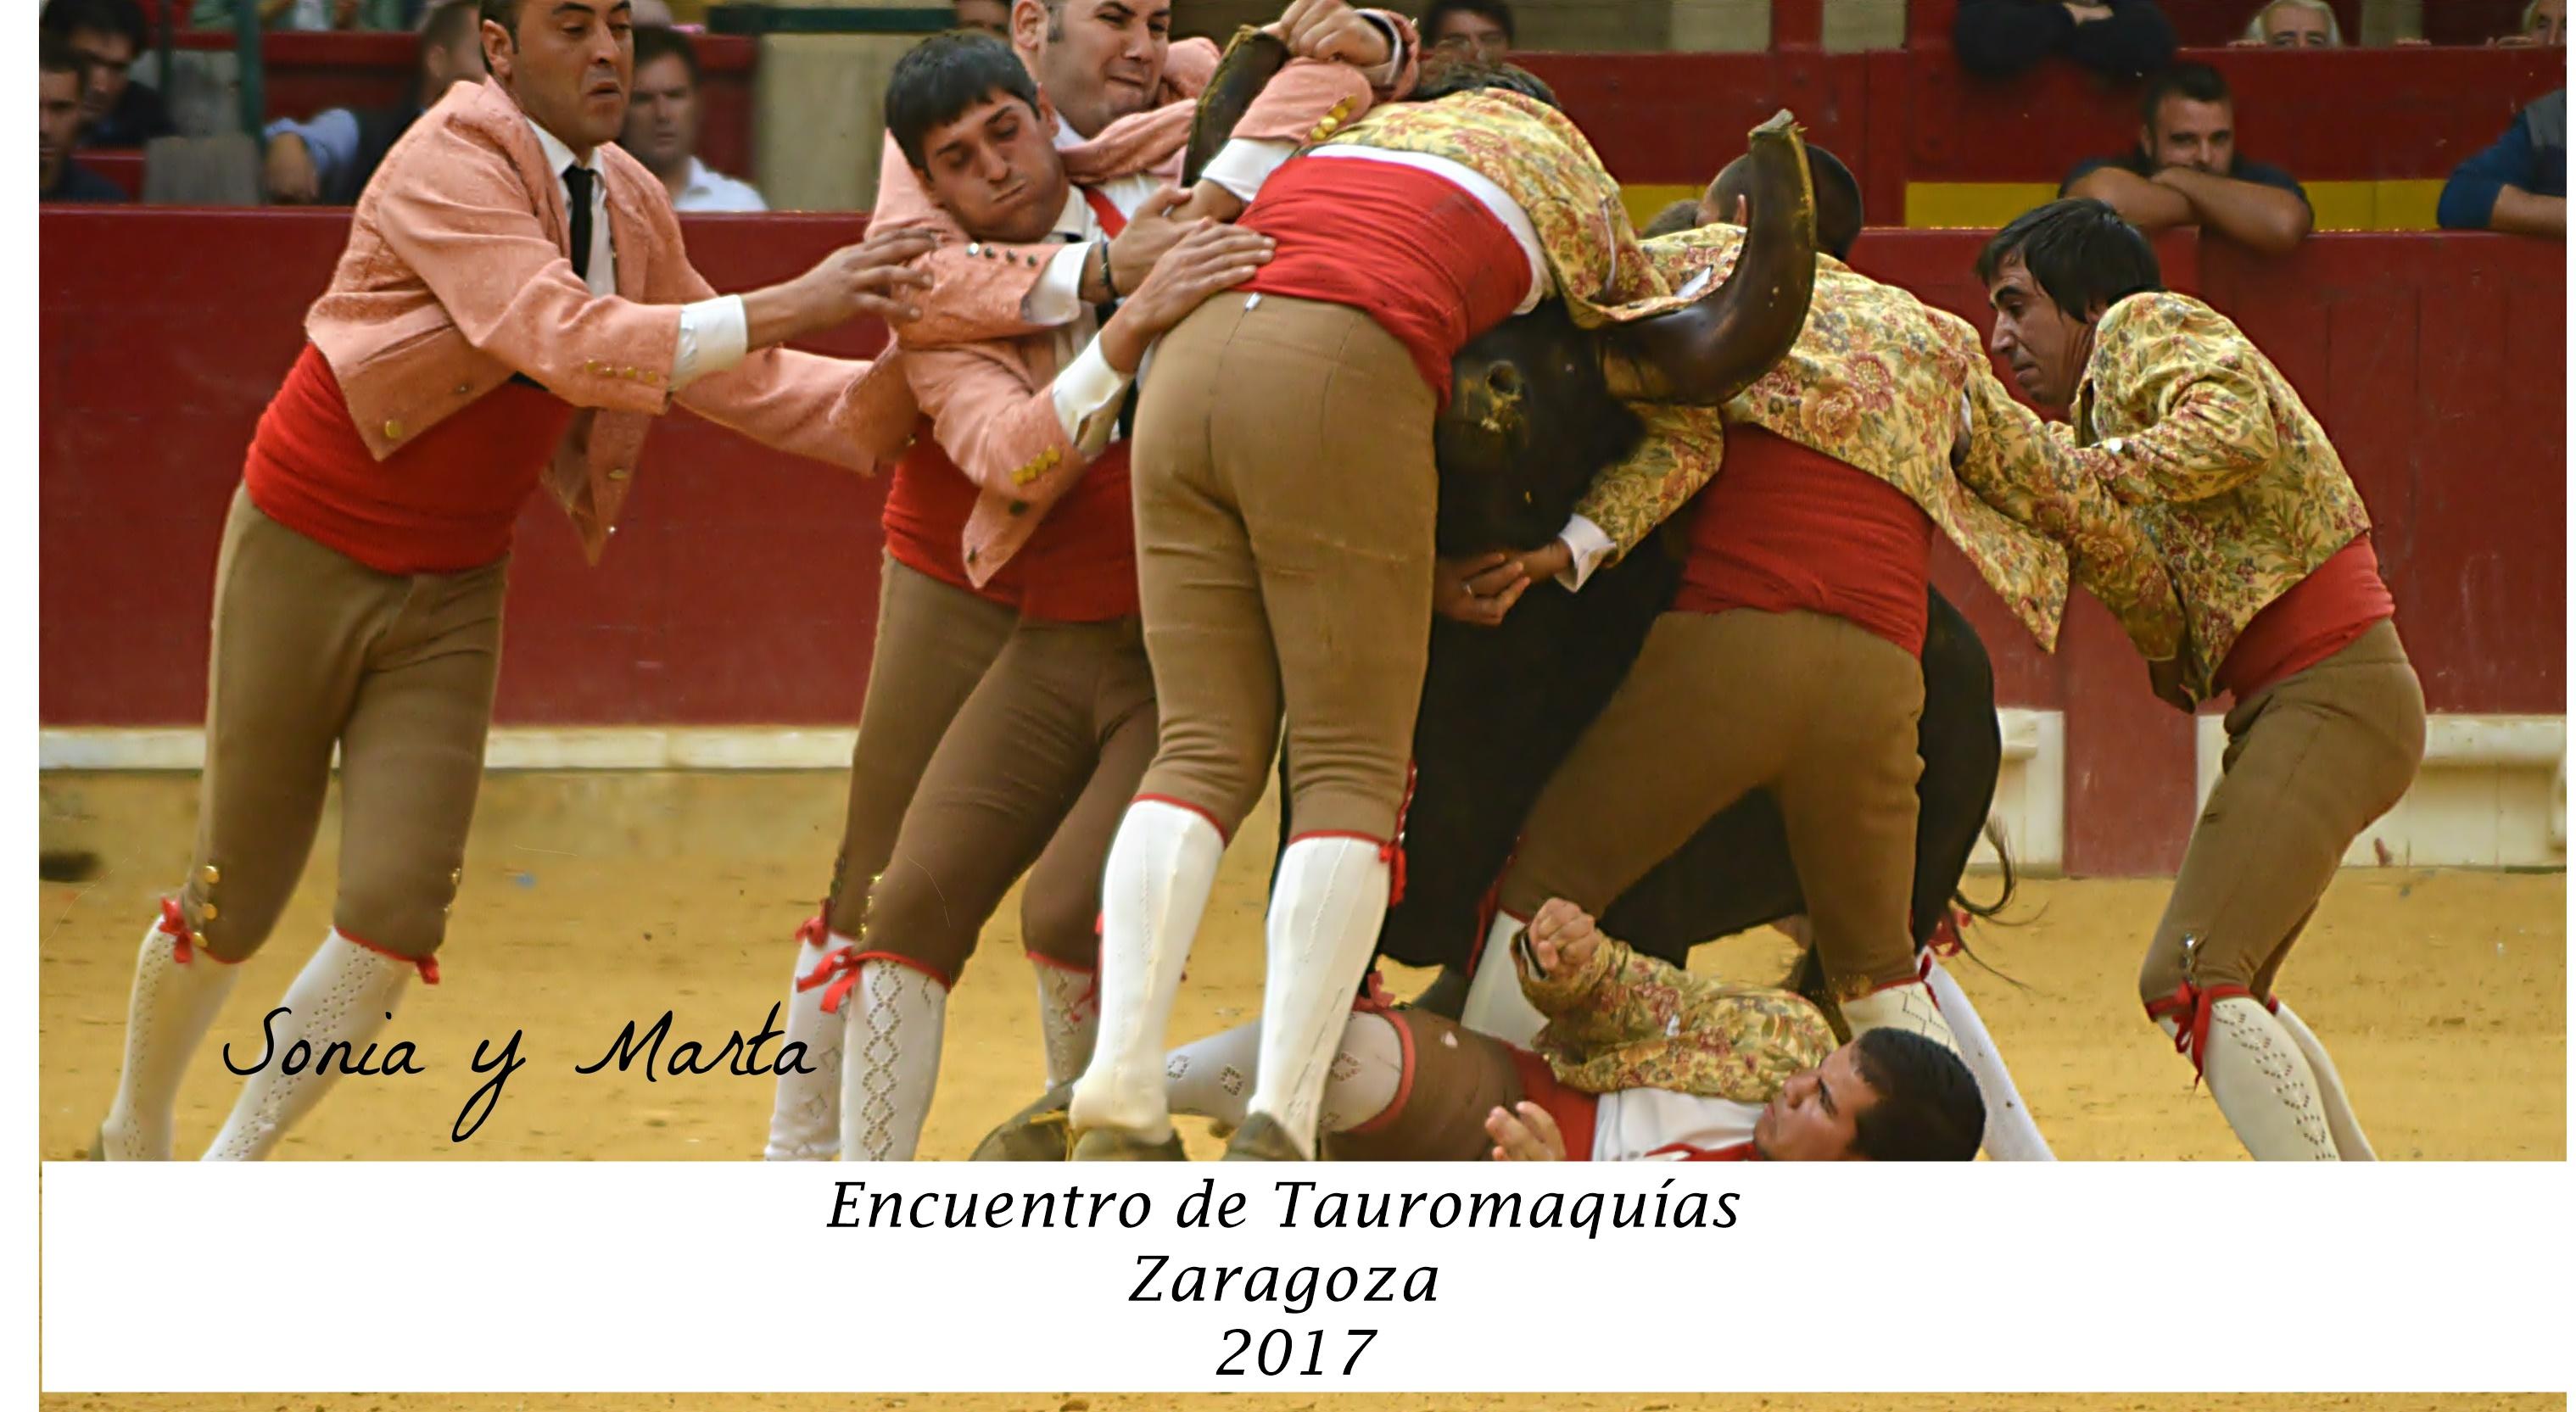 ENCUENTRO TAUROMAQUIAS ZGZ OCT 2017 (1).